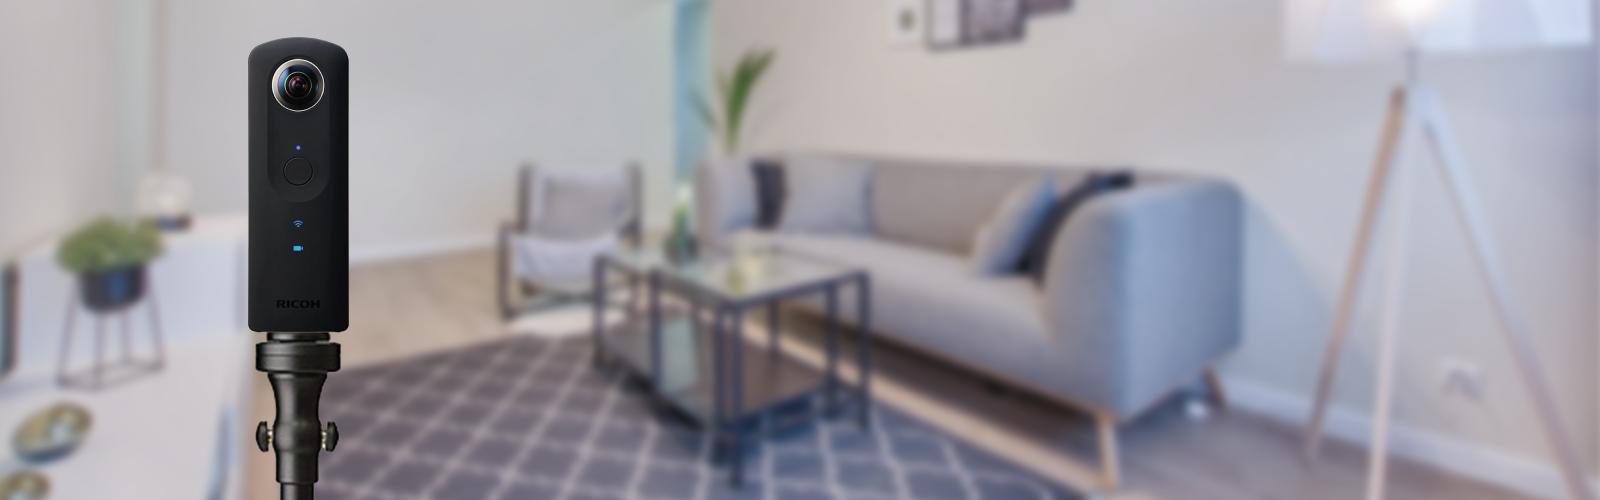 Caméras 360° pour sublimer vos biens immobiliers - Meilleure Visite